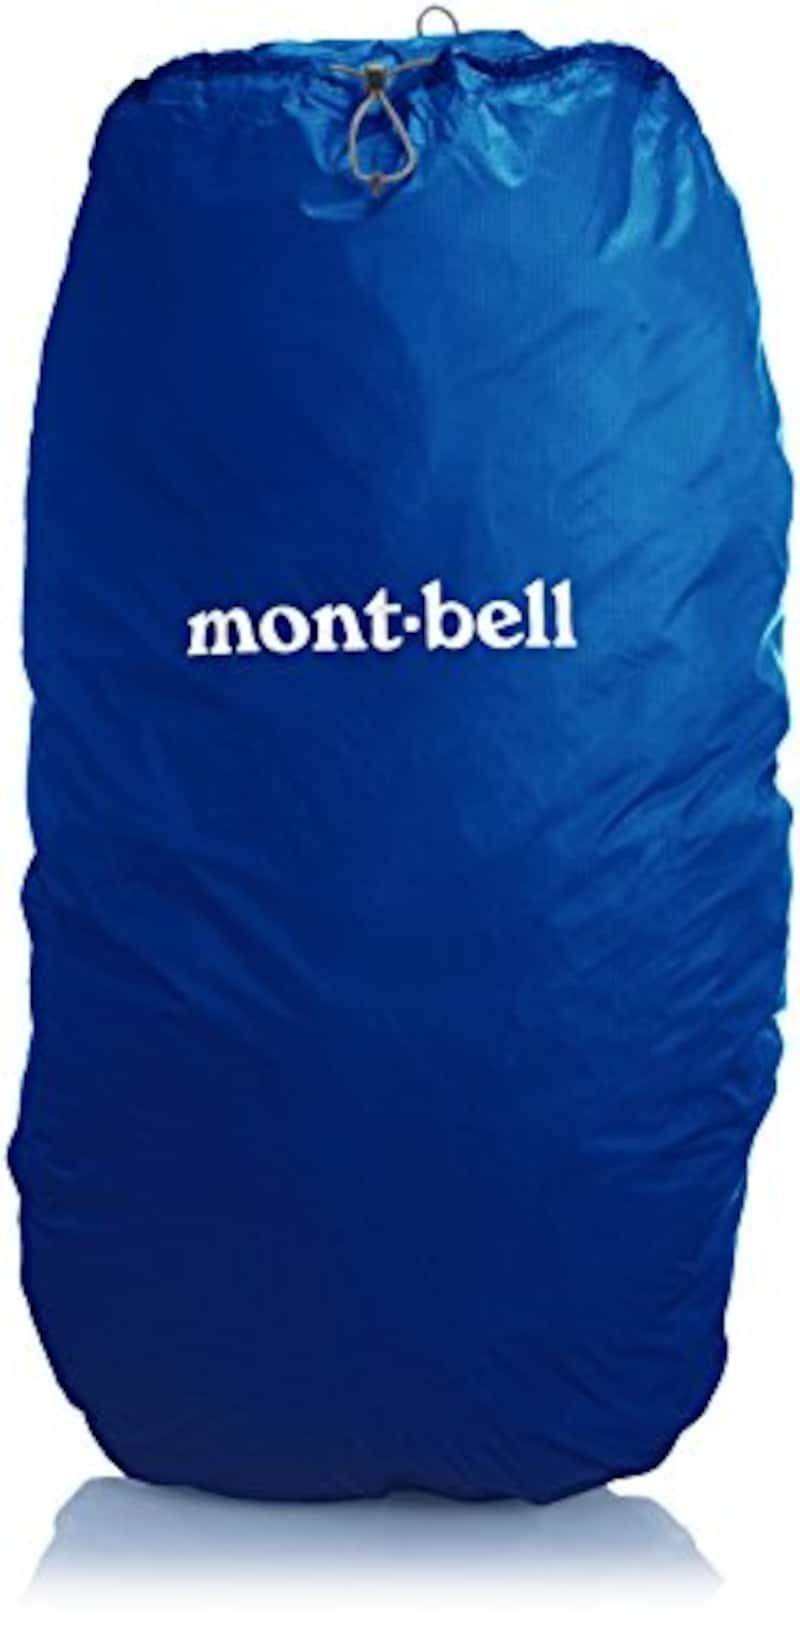 mont-bell(モンベル),ジャストフィットパックカバー,1128521